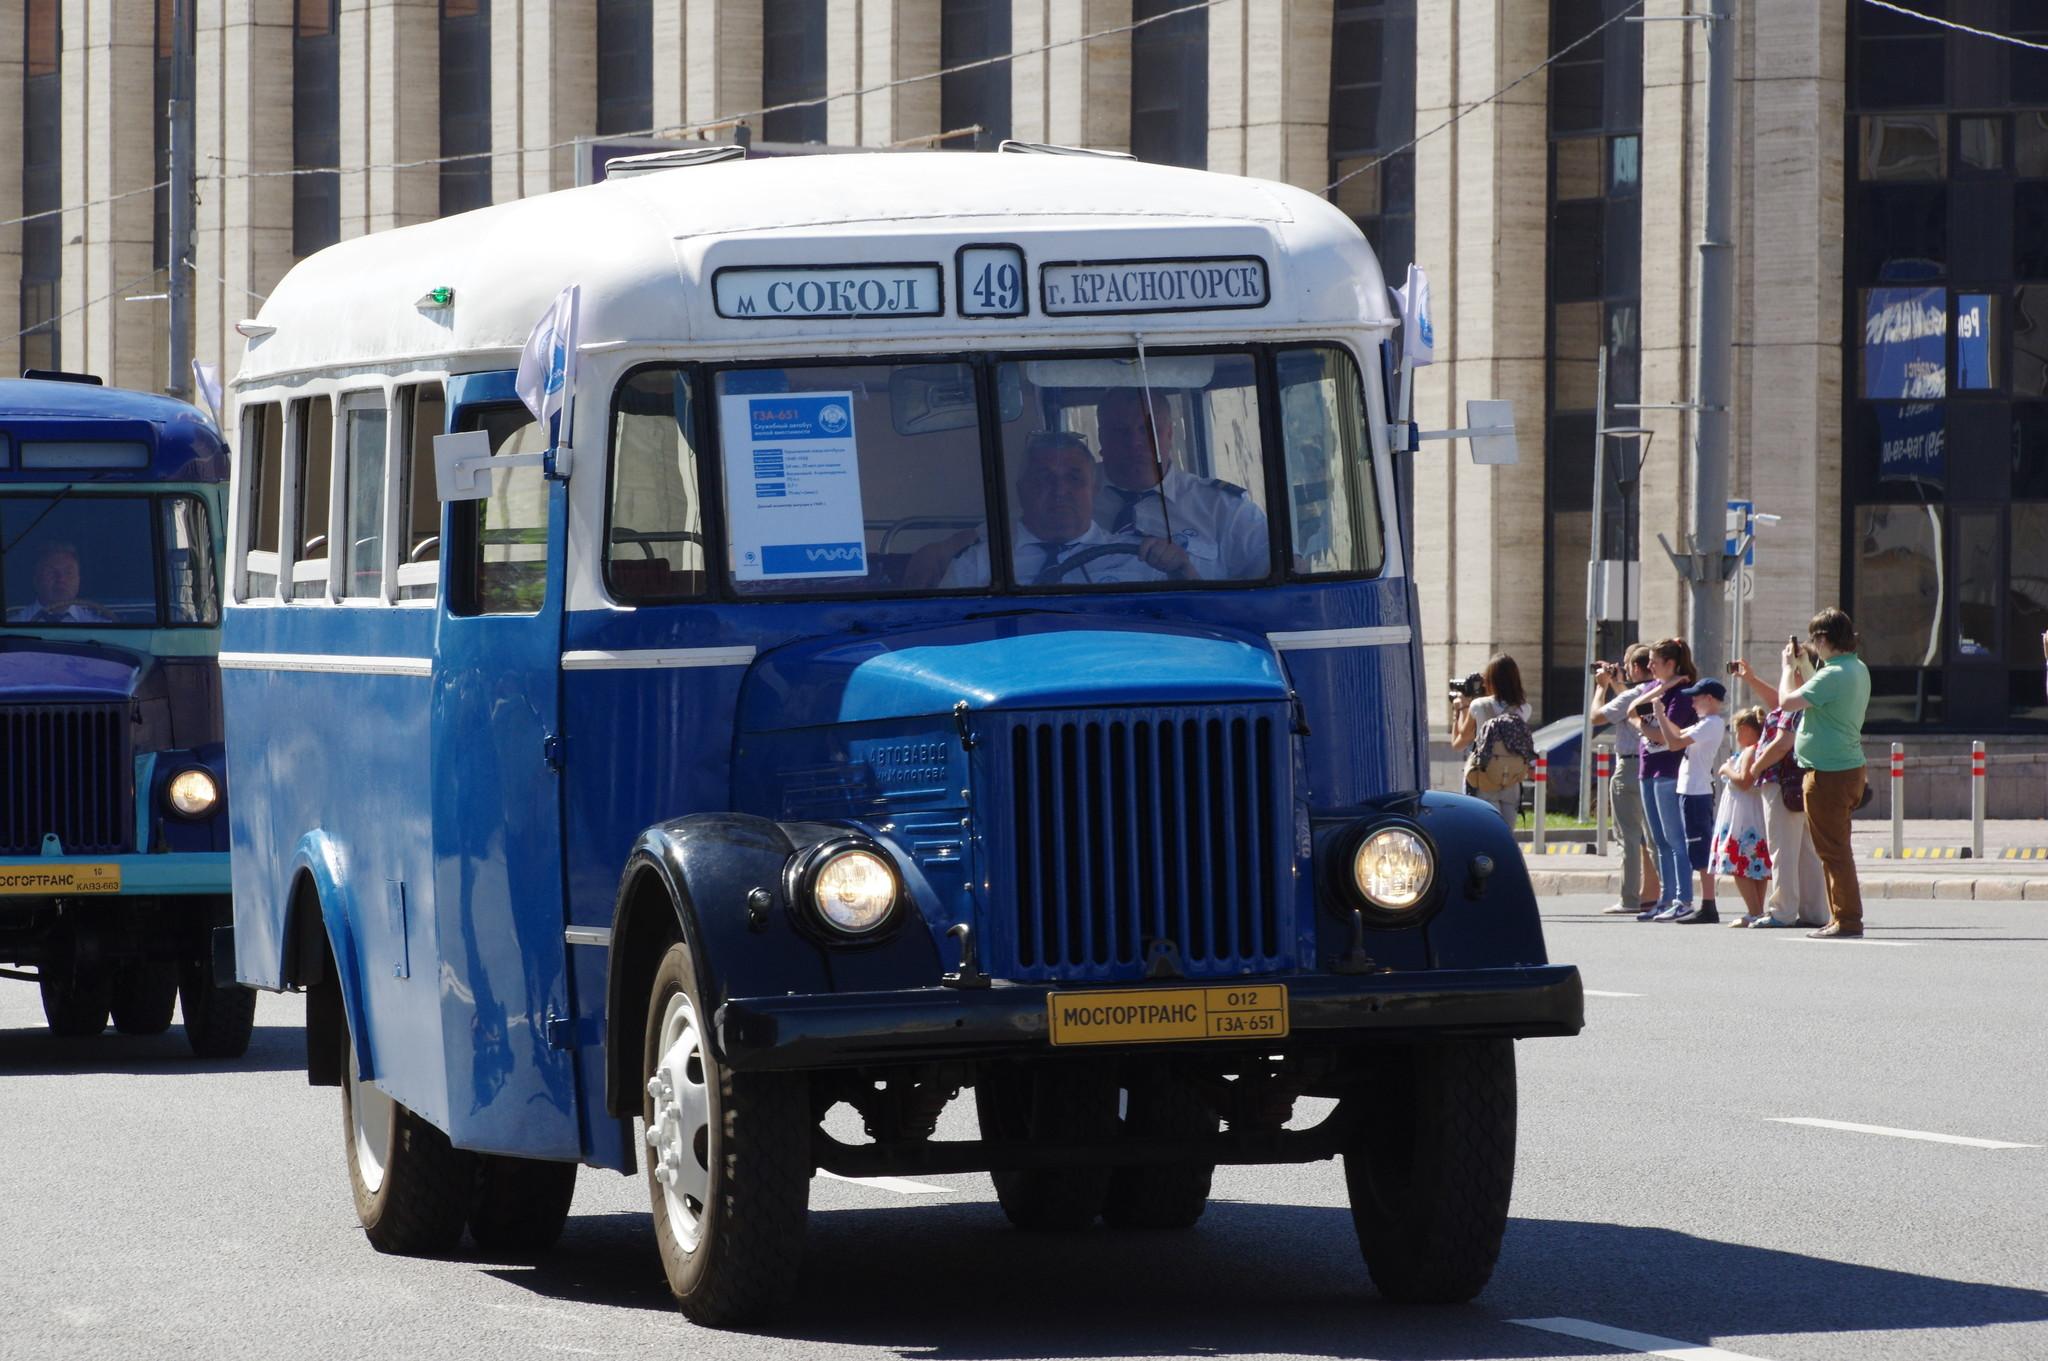 ГЗА-651 - служебный автобус малой вместимости